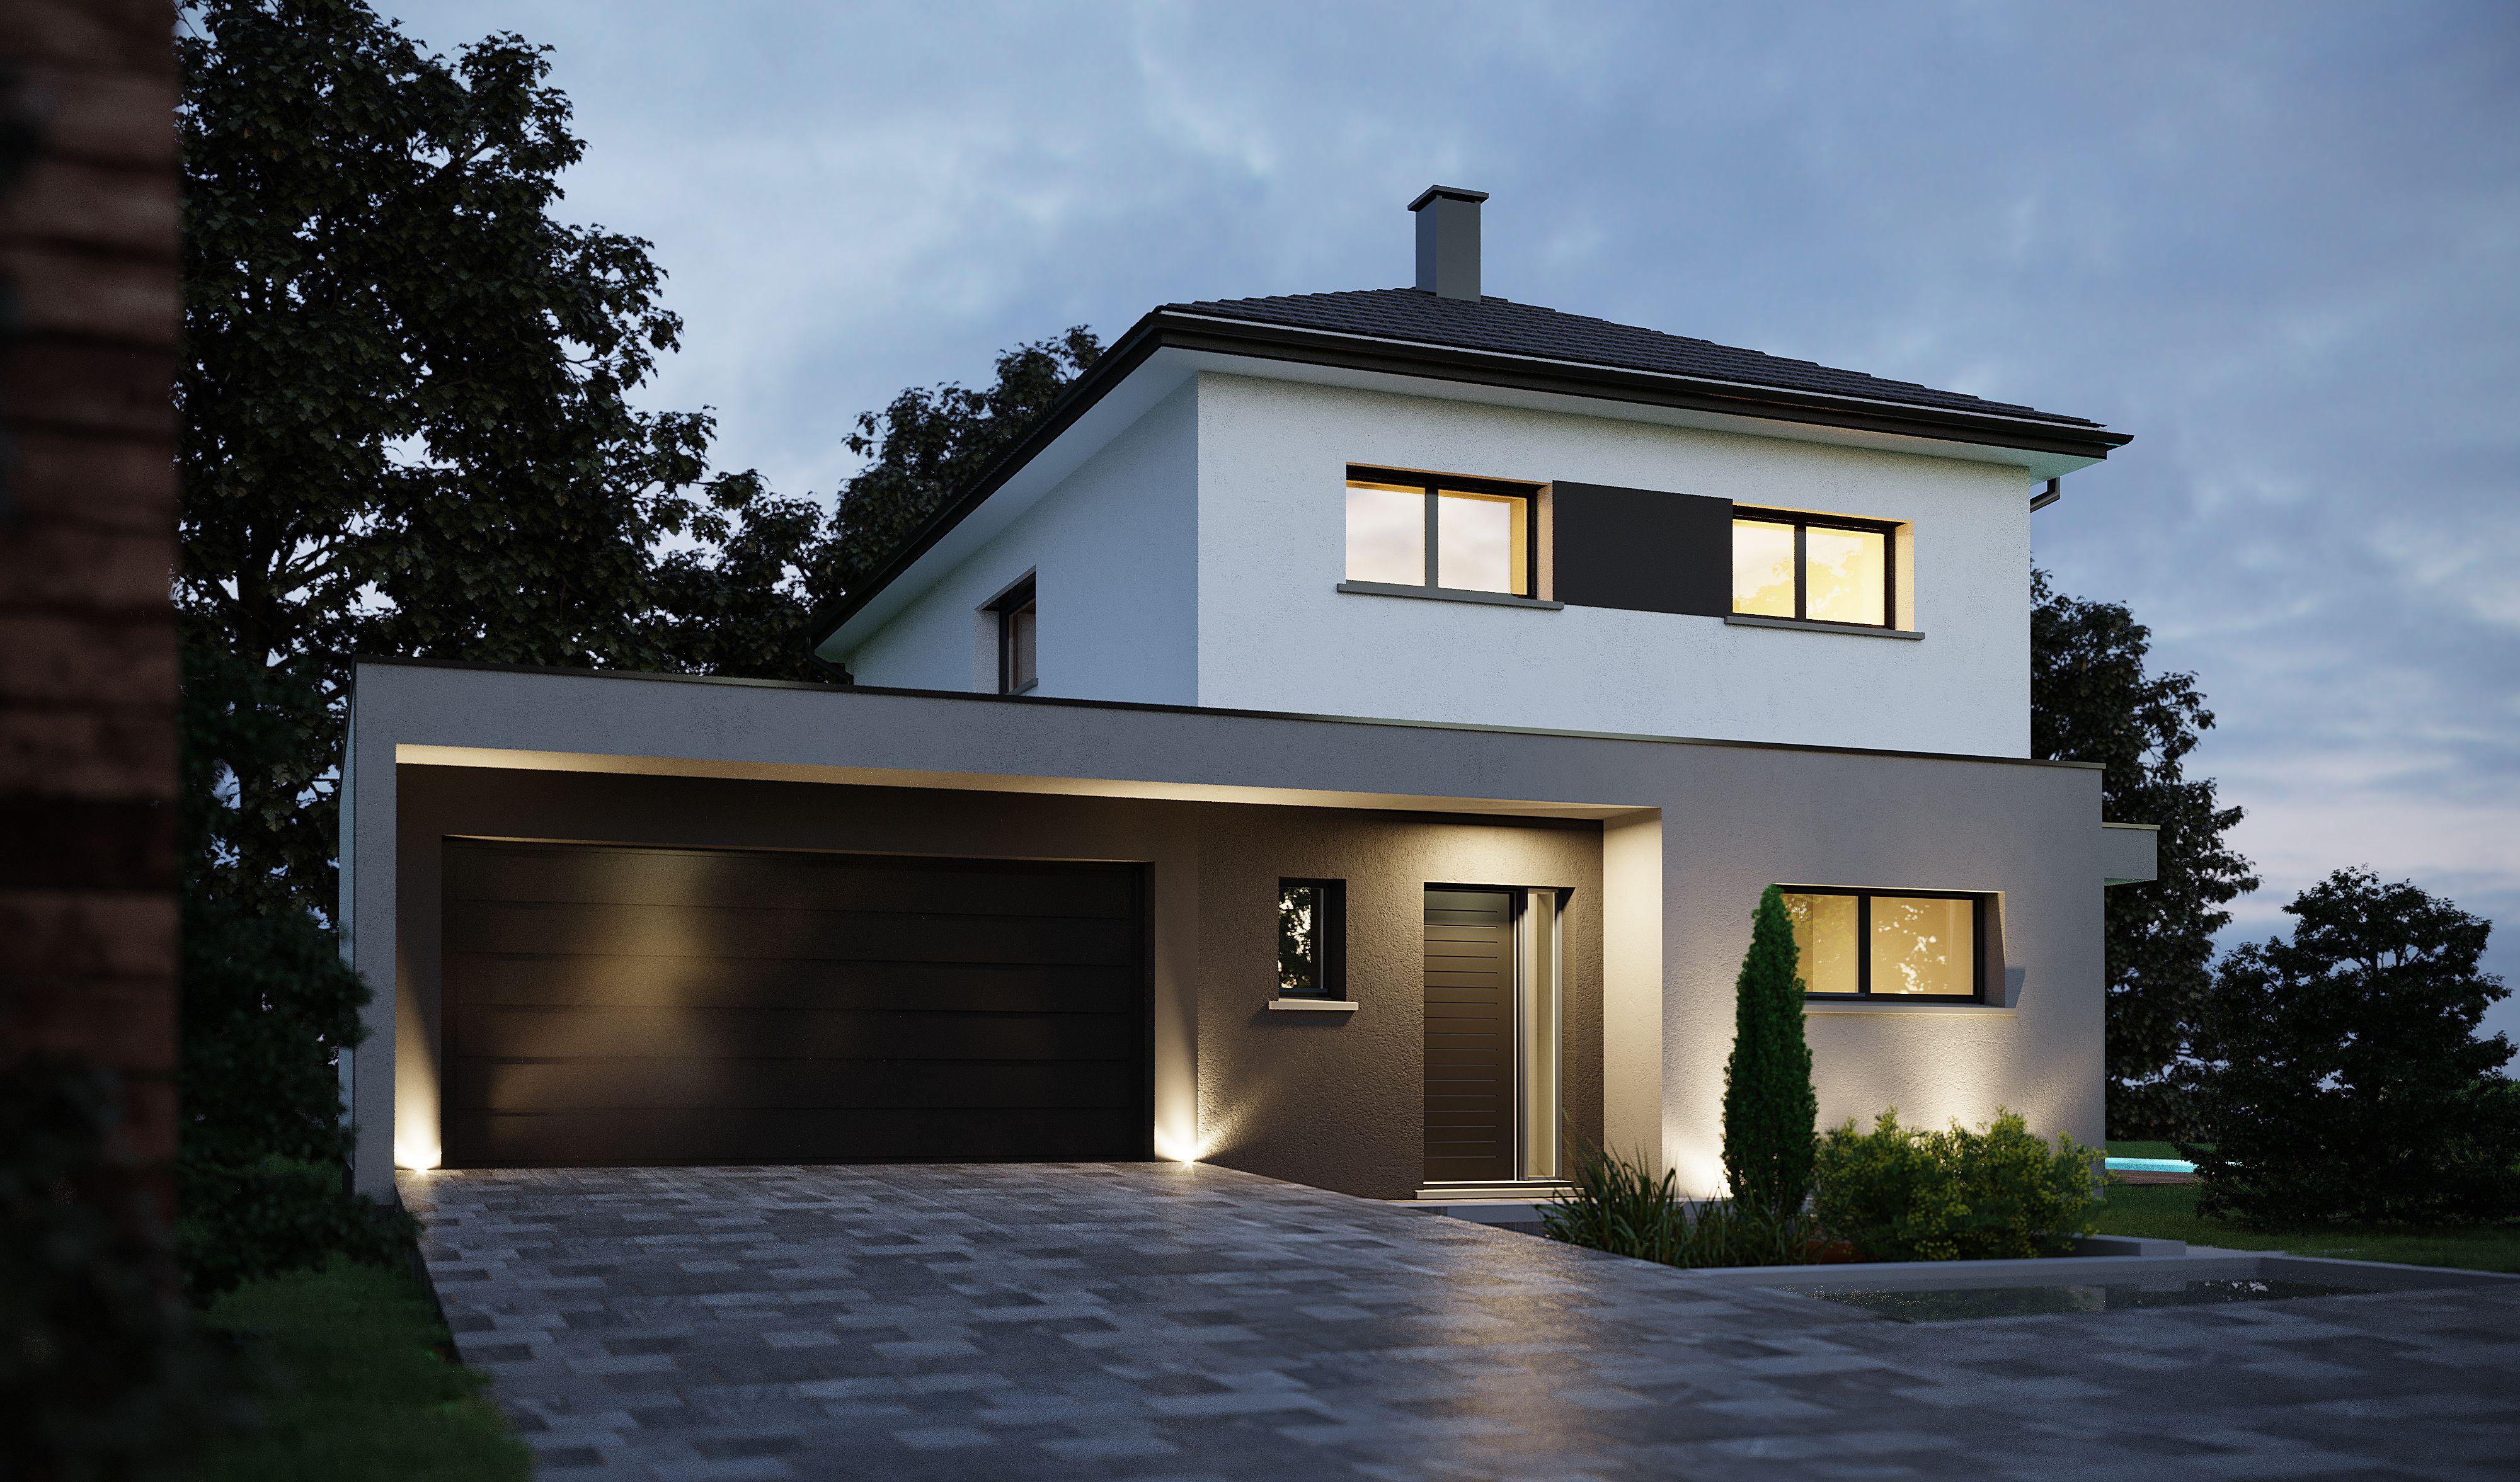 Maison moderne Type R+1, alliant toiture 4 pans et toit plat